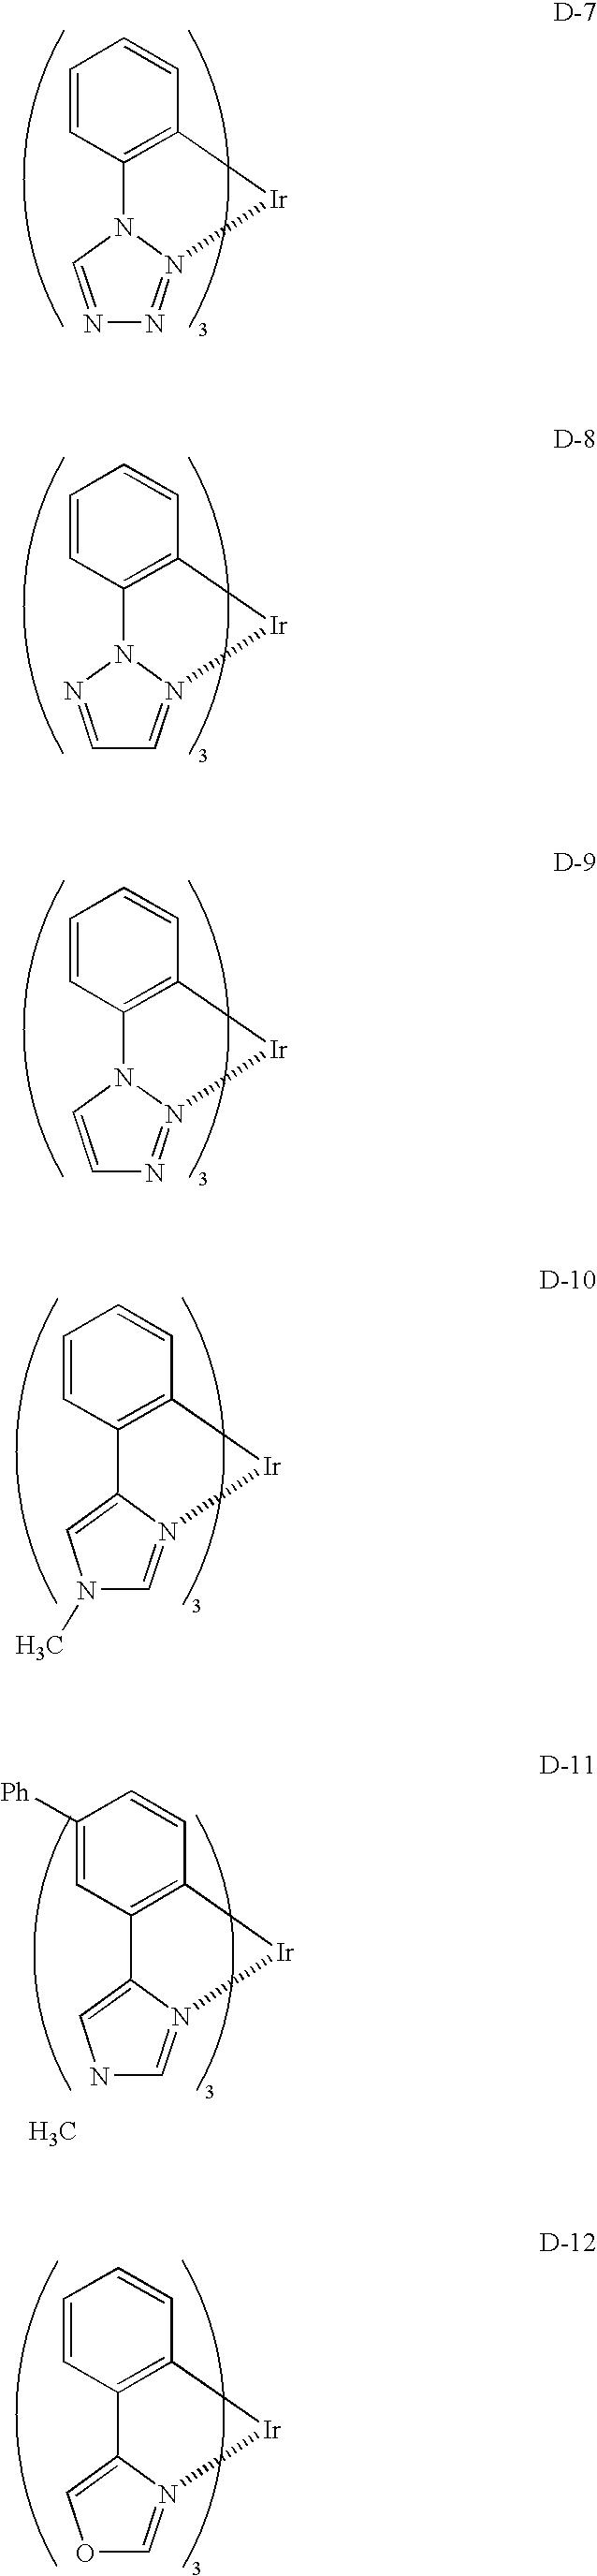 Figure US08053765-20111108-C00022